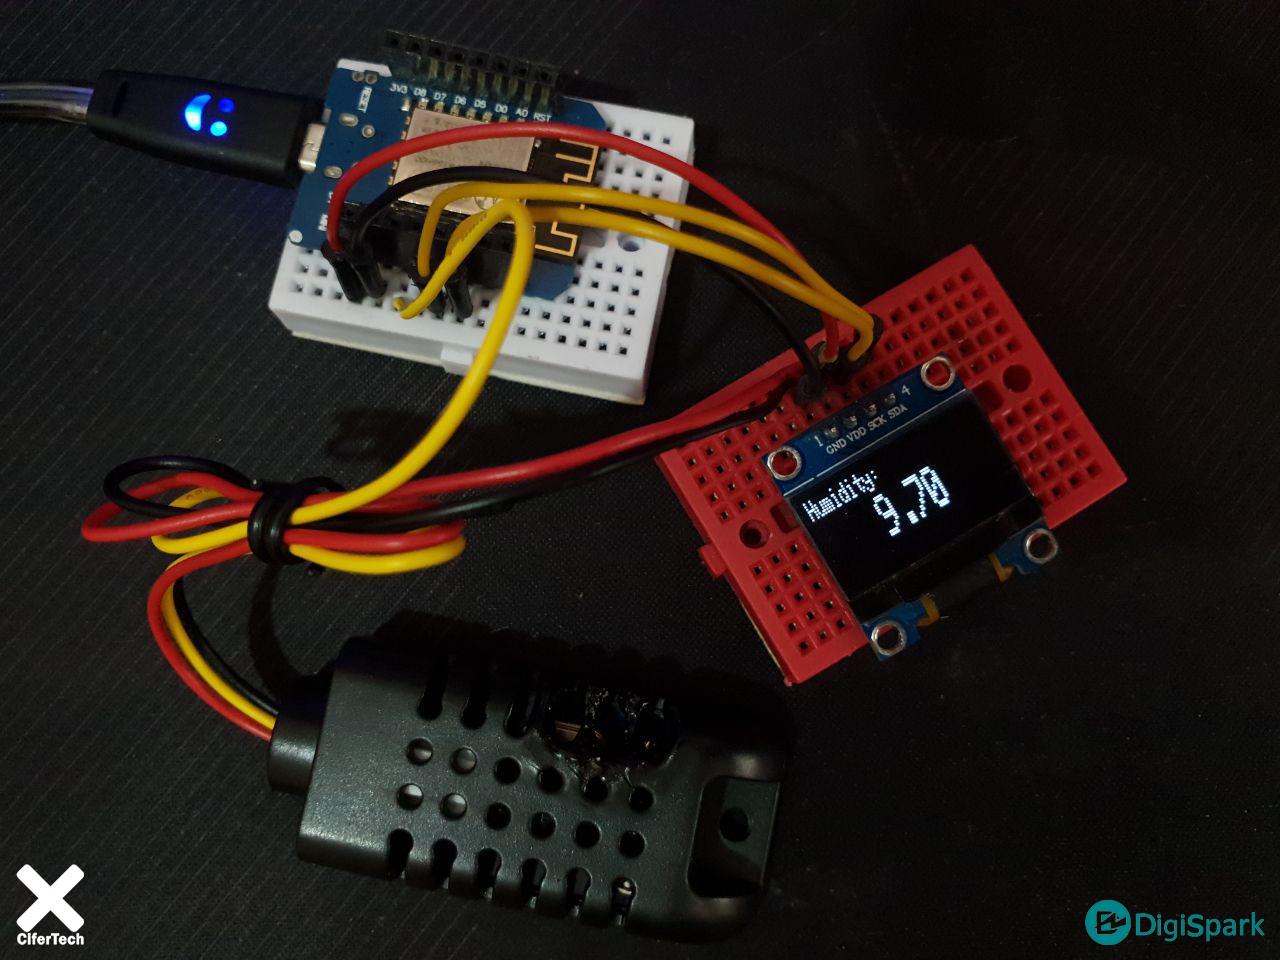 ساخت دماسنج IoT با پلتفرم اینترنت اشیا ThingSpeak و سنسور AM2301 - دیجی اسپارک